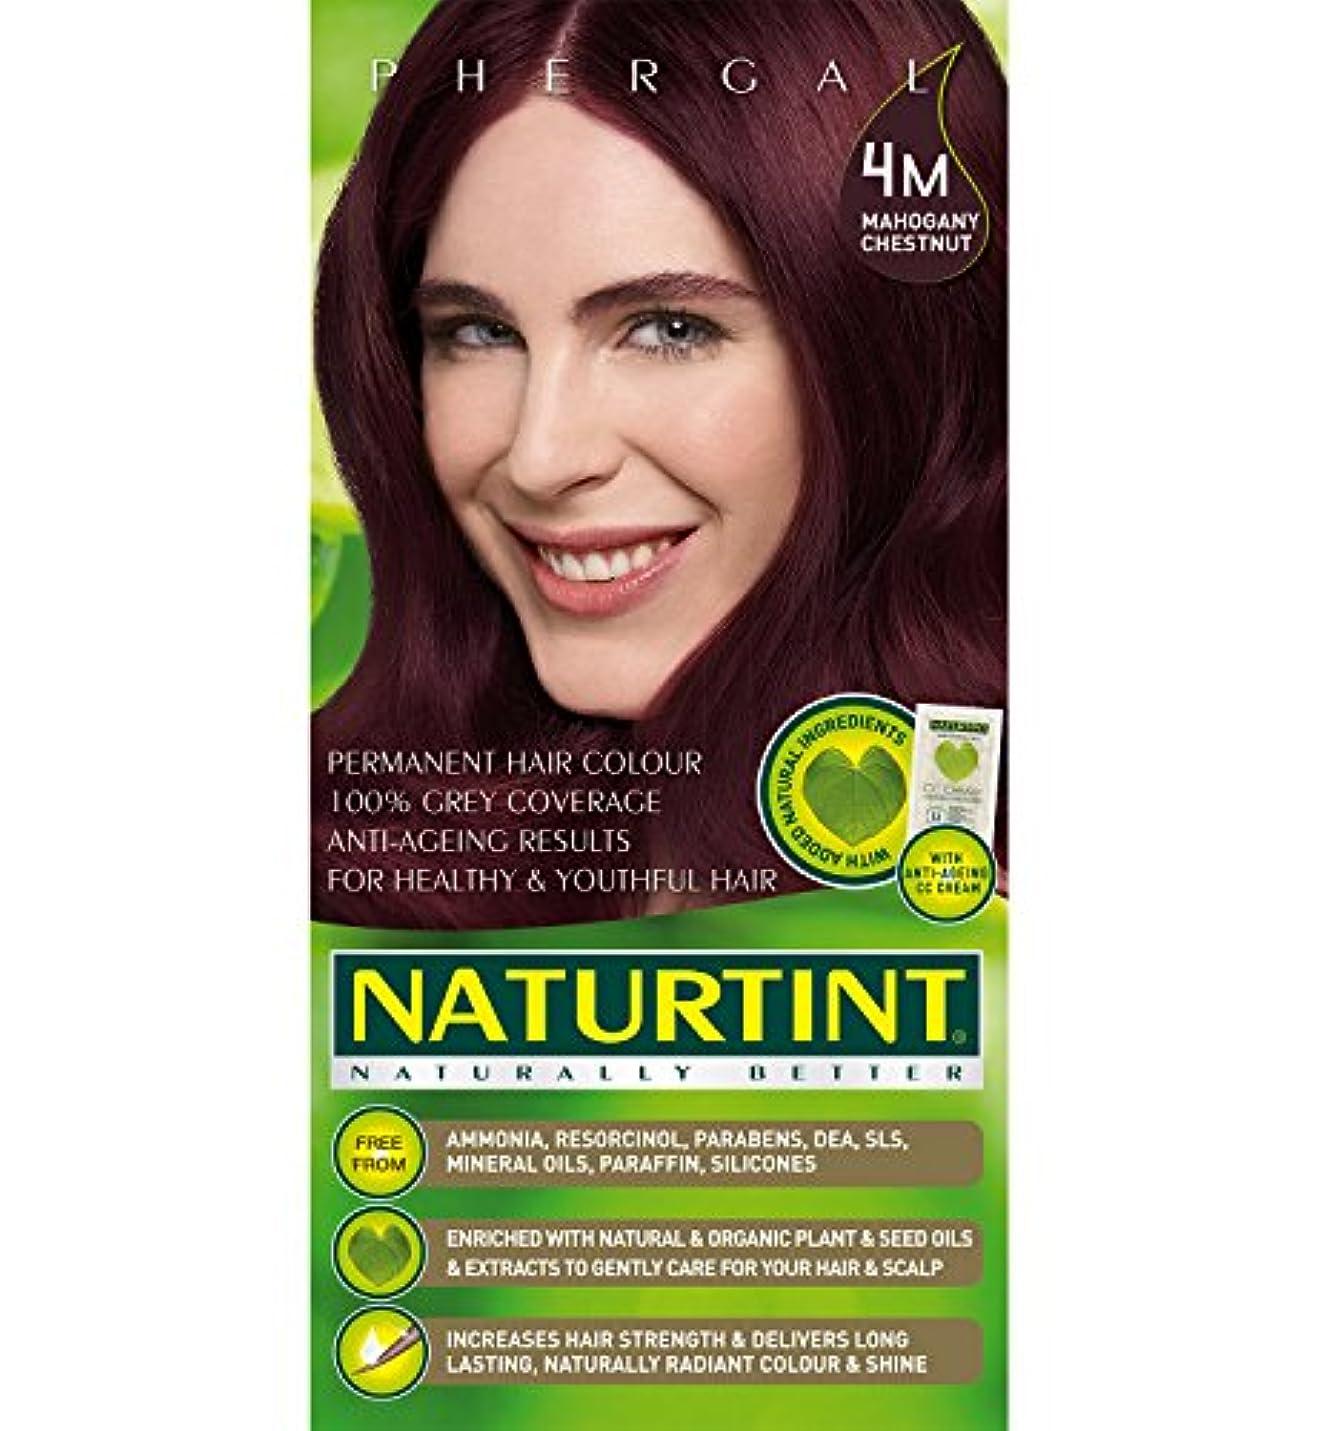 暖かさ止まる不可能なNaturtint Hair Color 4M Mahogany Chestnut Count (並行輸入品)